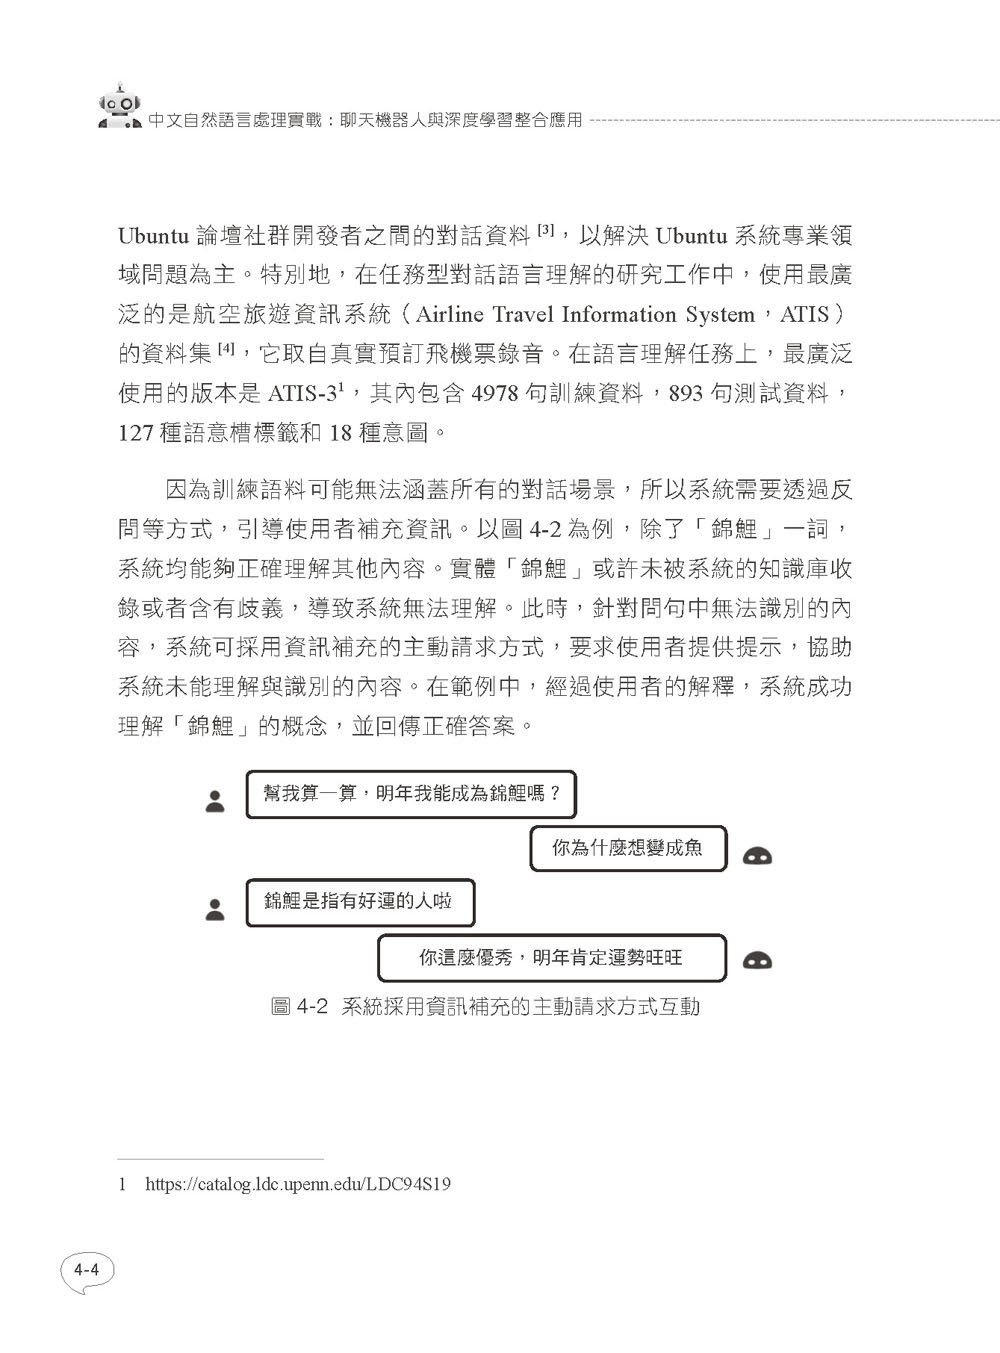 中文自然語言處理實戰:聊天機器人與深度學習整合應用-preview-16